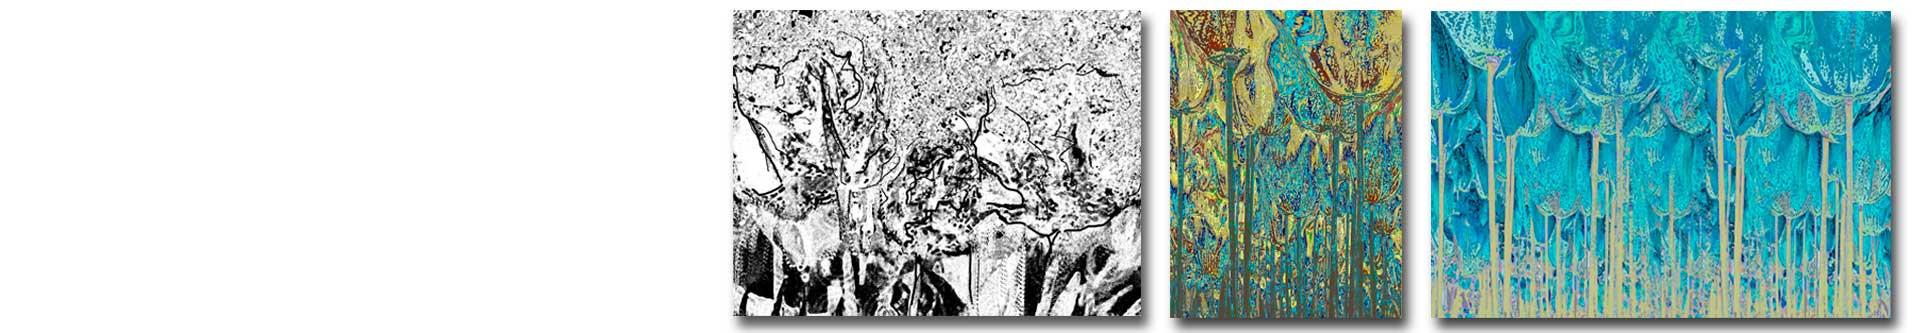 Obrazy las, grafiki las -obrazy kolorowe i obrazy czarno białe - grafikiobrazy.pl